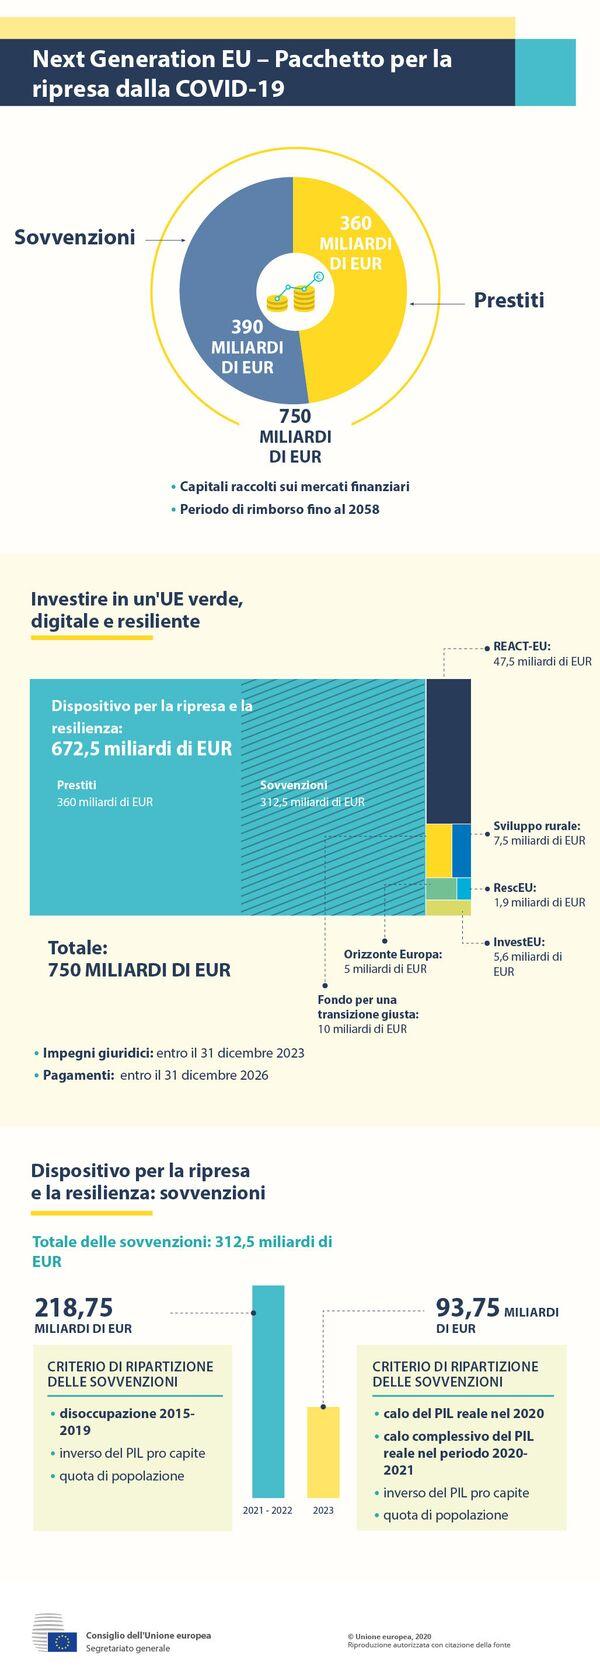 Next Generation EU: pacchetto per la ripresa dalla COVID-19 - Sputnik Italia